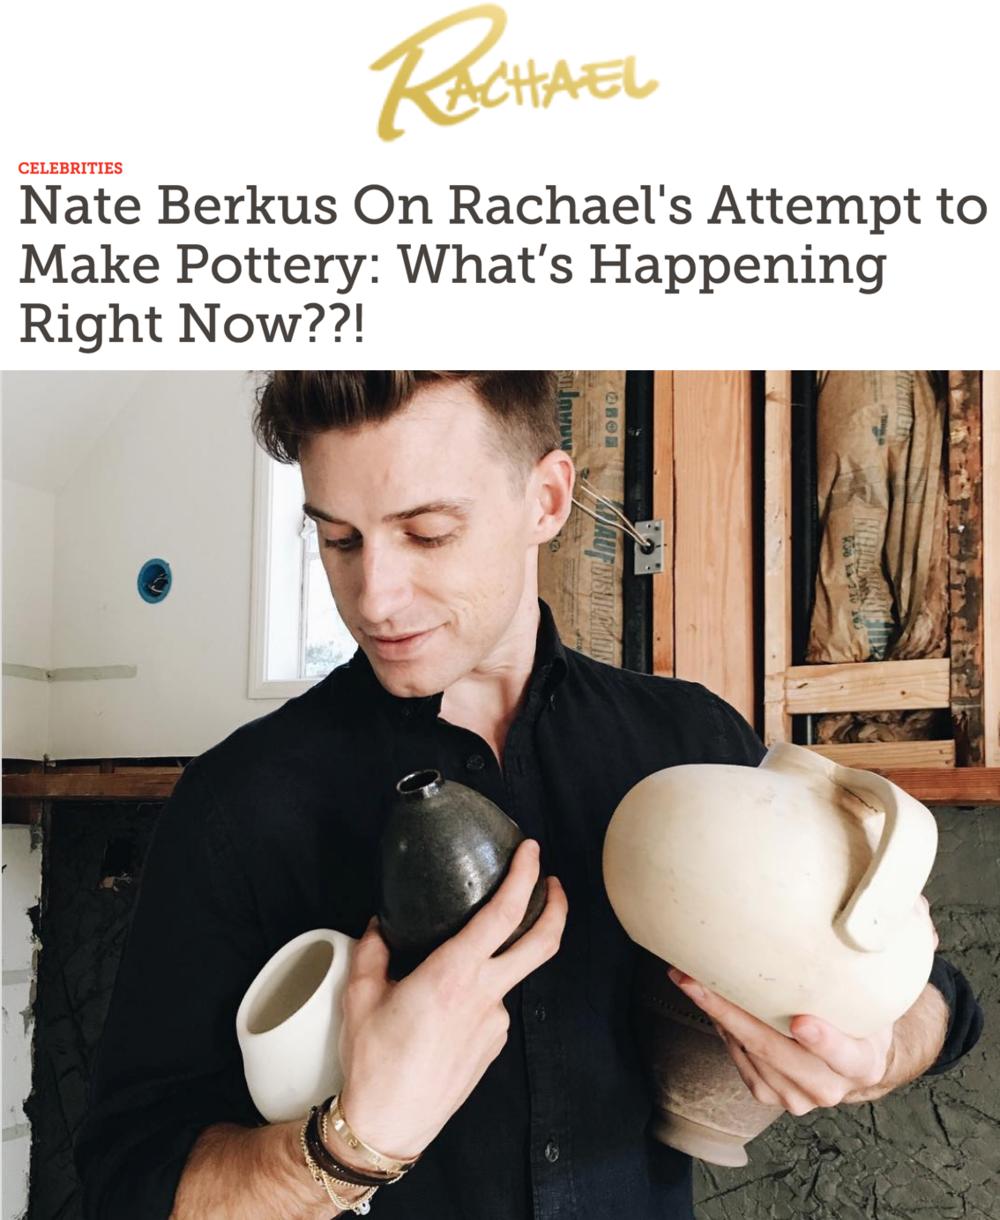 Rachael Ray, April 2018